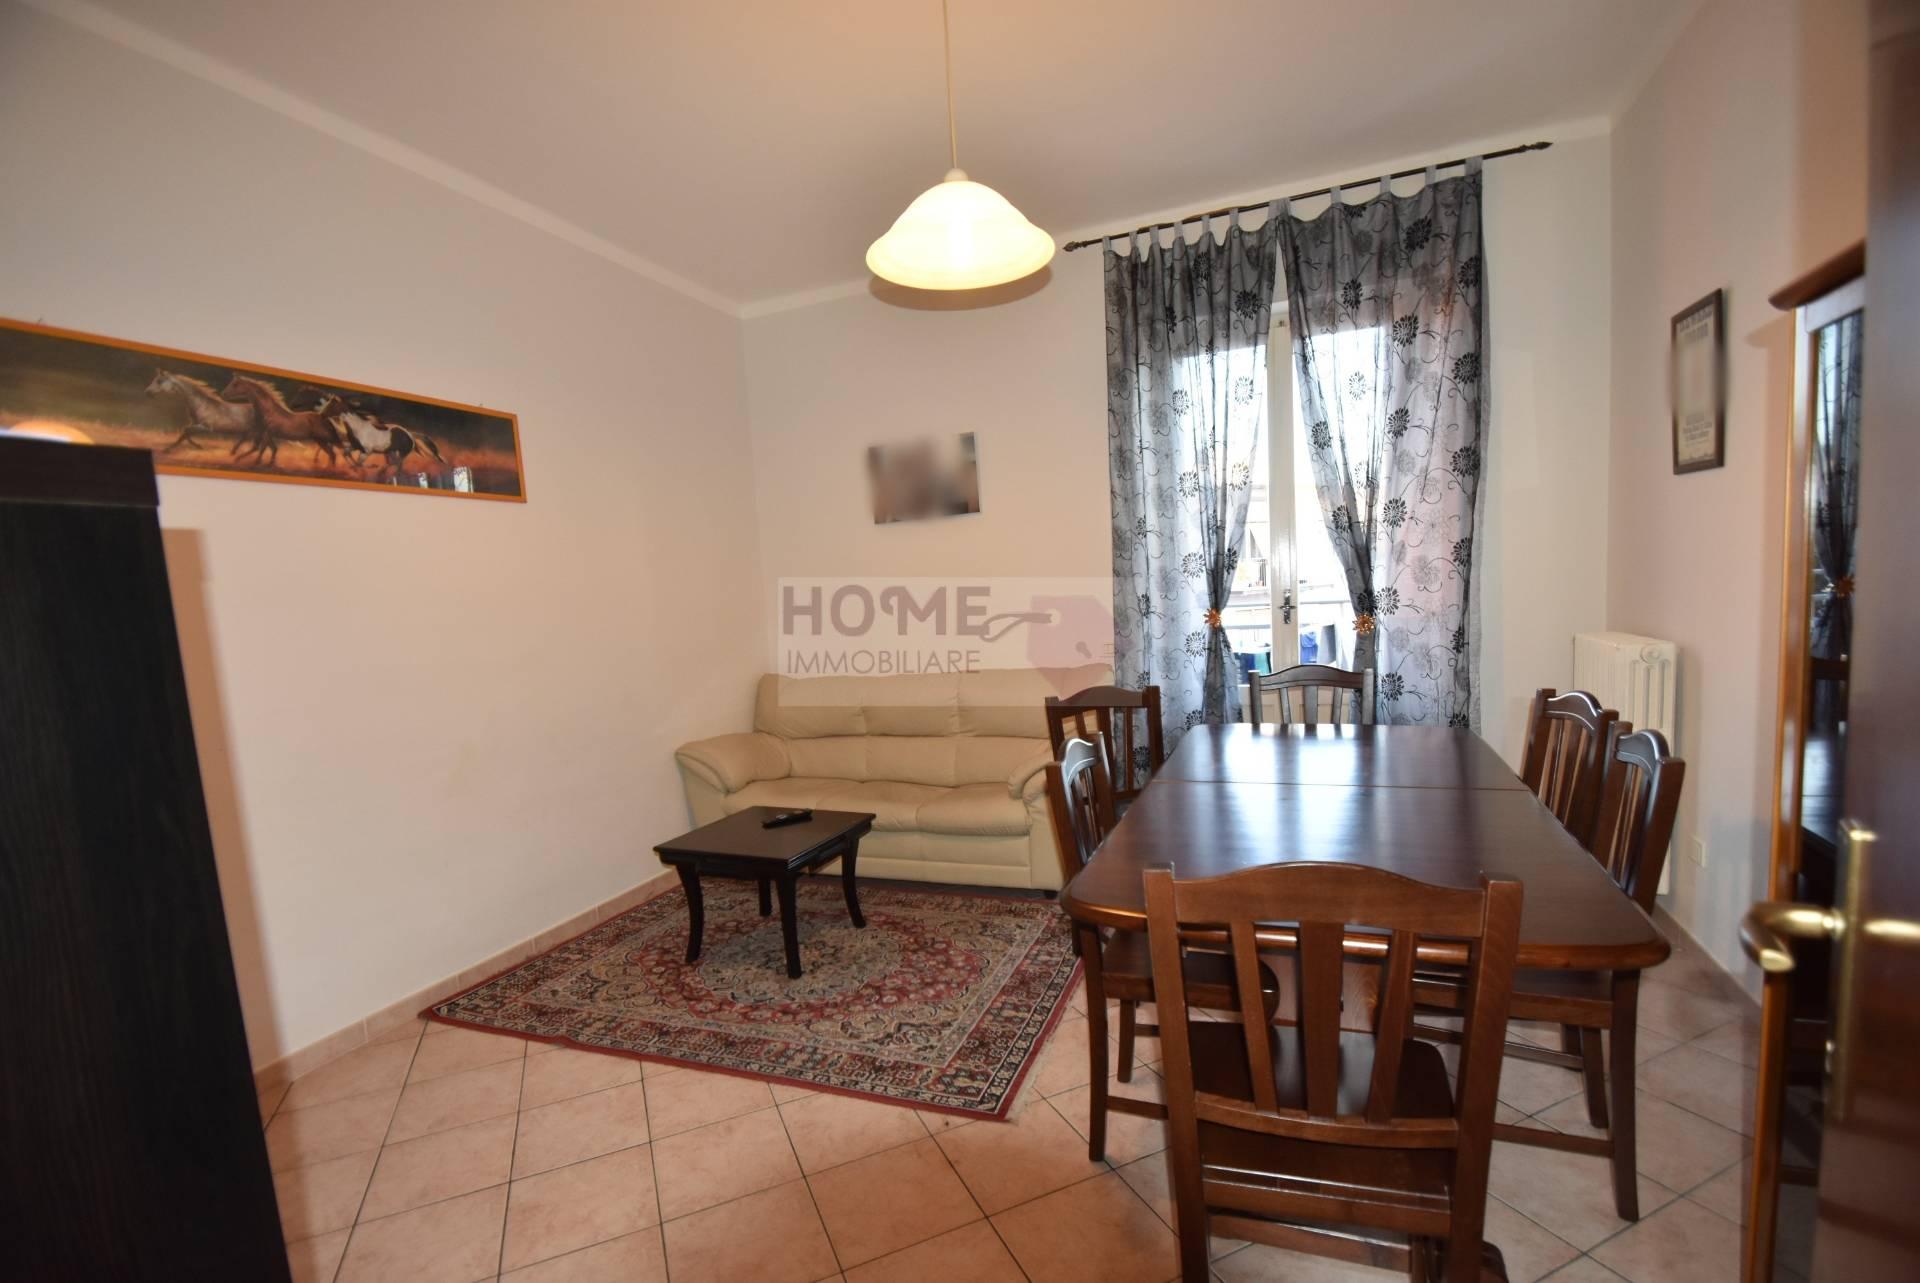 Appartamento in vendita a Macerata, 5 locali, zona Località: zonaviaSpalato, prezzo € 100.000 | Cambio Casa.it